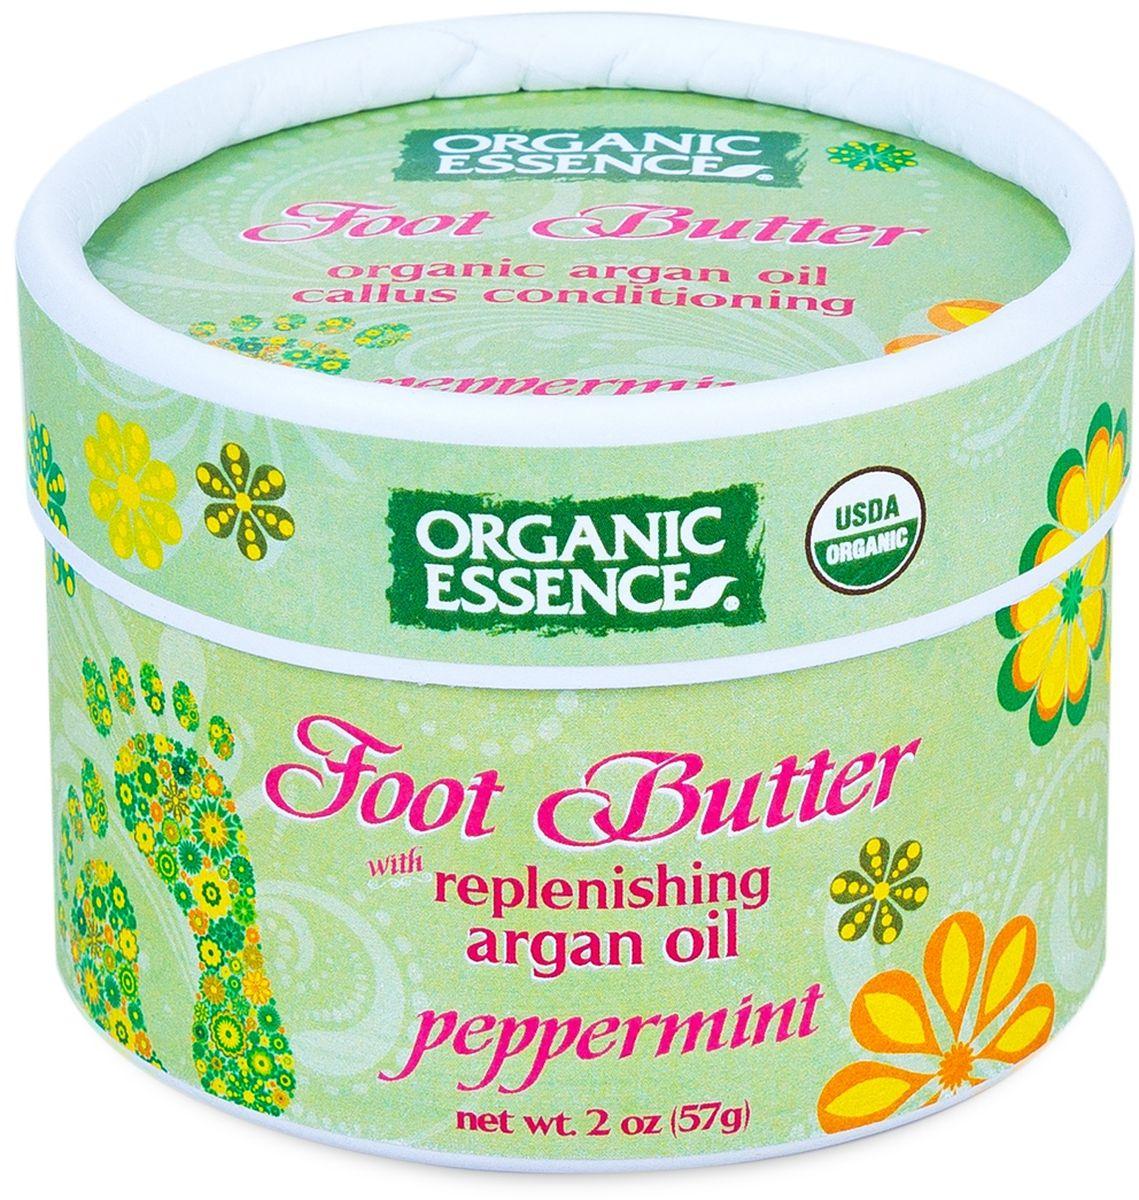 Organic Essence Органический крем для ног Мята перечная 57 гр435421Органический ежедневный крем для ног увлажняет и обеспечивает комфорт для усталых ног. Марокканское аргановое масло, богатое витамином Е, и органические растительные экстракты успокаивают кожу ног, Мятное масло охлаждает и устраняет запах ног, в то время как масло Ши смягчает и увлажняет грубую, сухую и мозолистую кожу ног. Используйте два раза в день. Так же может быть использовано для сухой кожи на локтях и коленях.